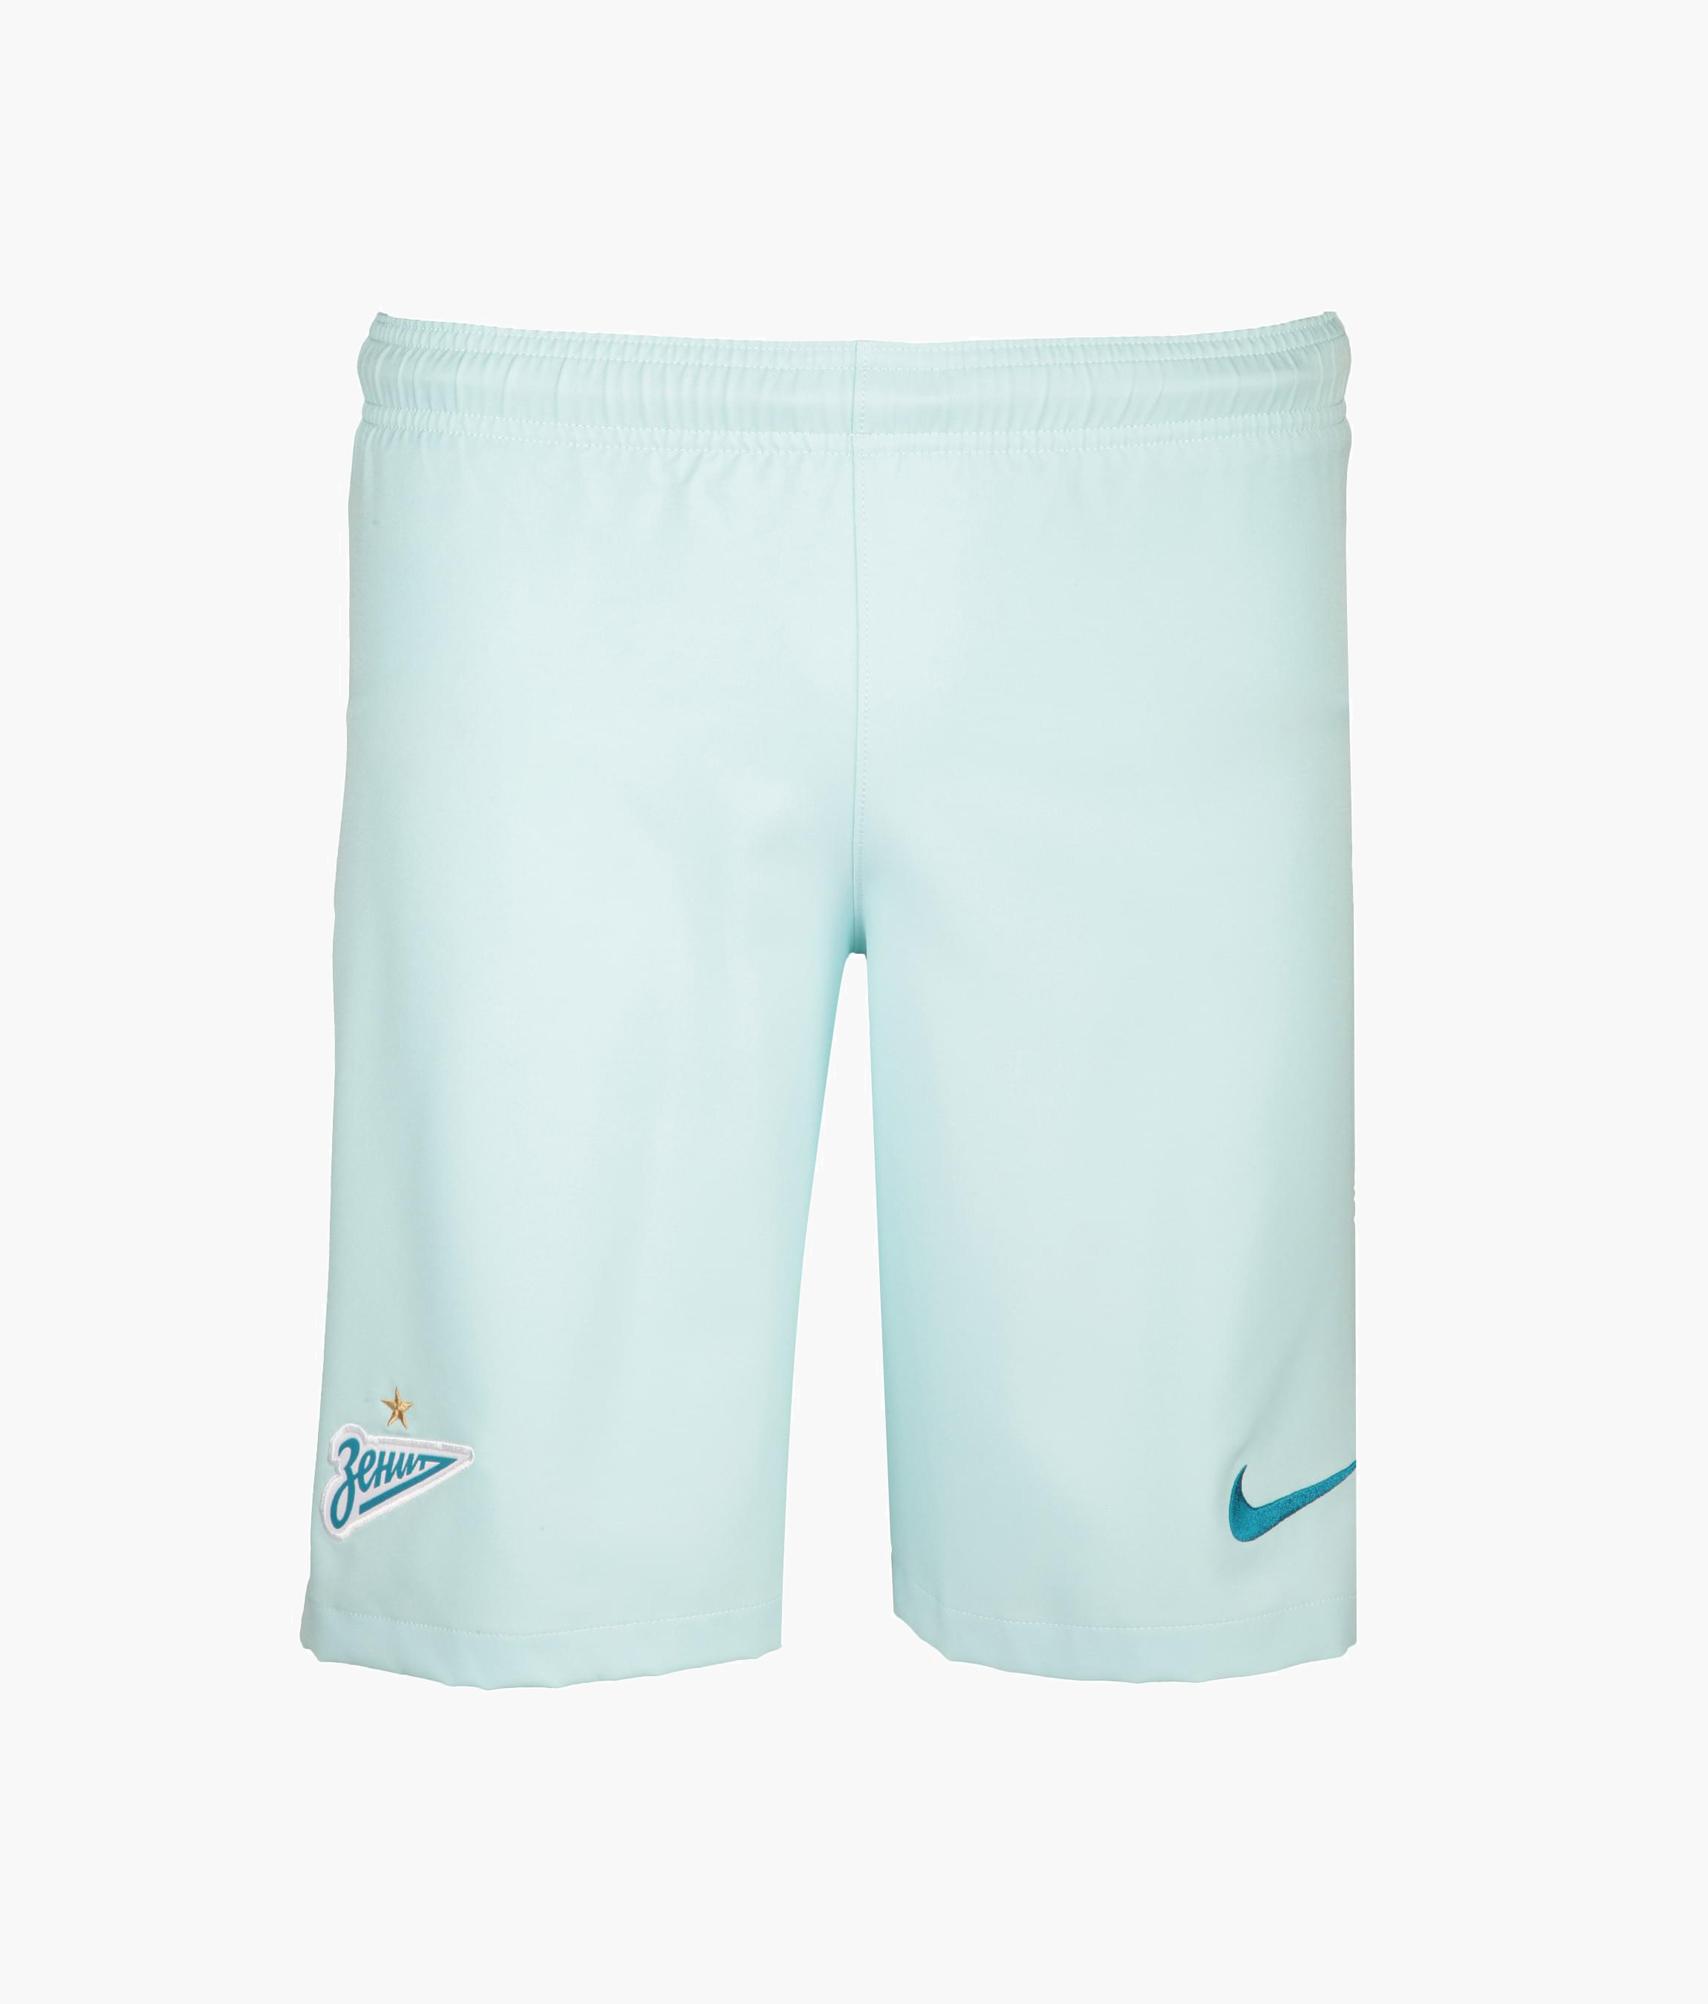 Шорты выездные Nike Nike шорты zamora zu